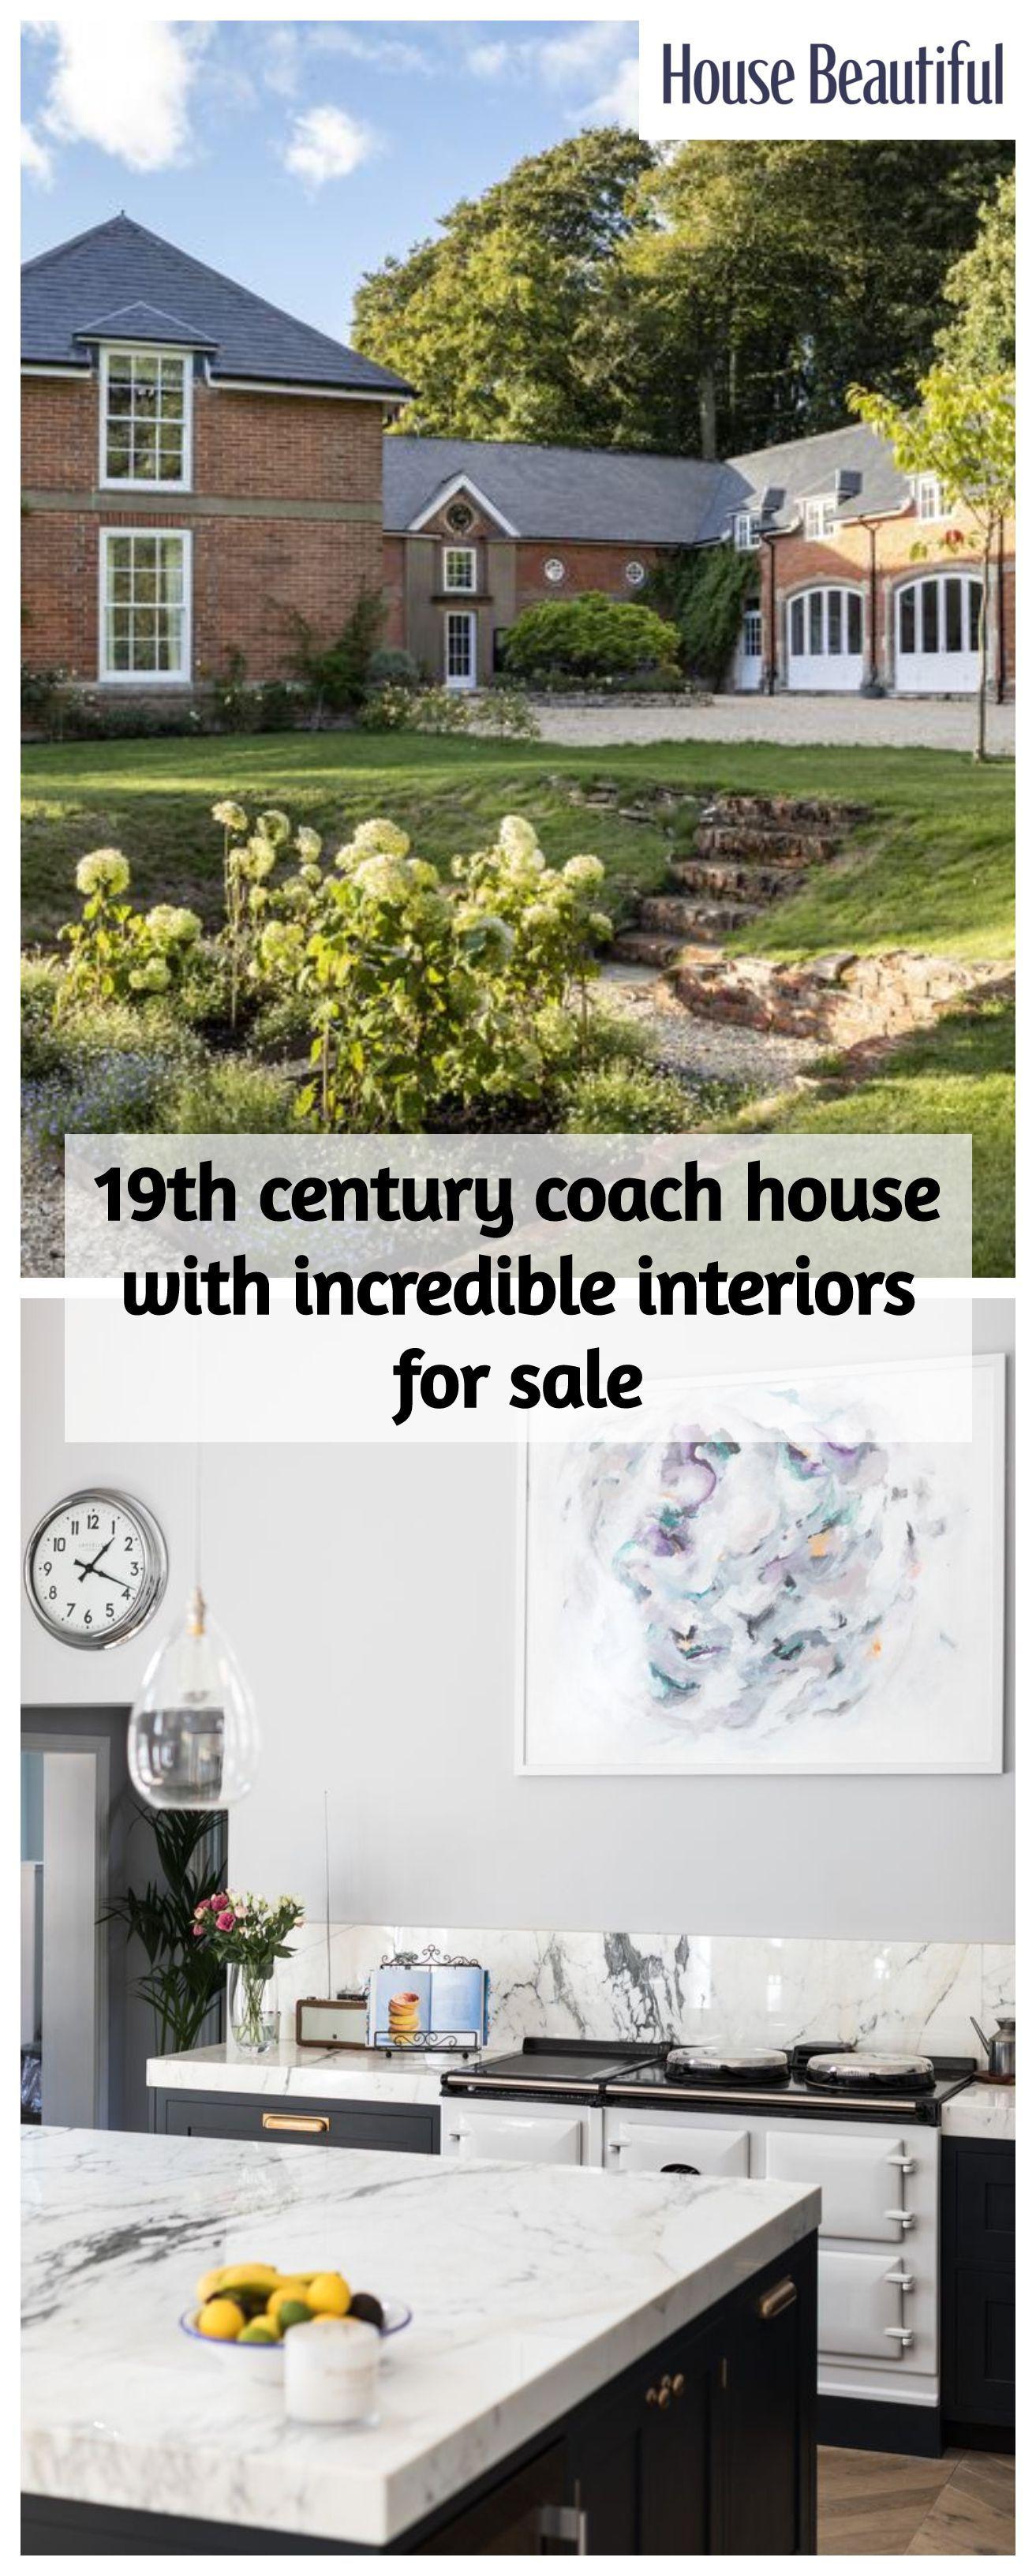 5a54fd22112f6c7c0f75ccb30daaa55c - Property For Sale Kew Gardens London